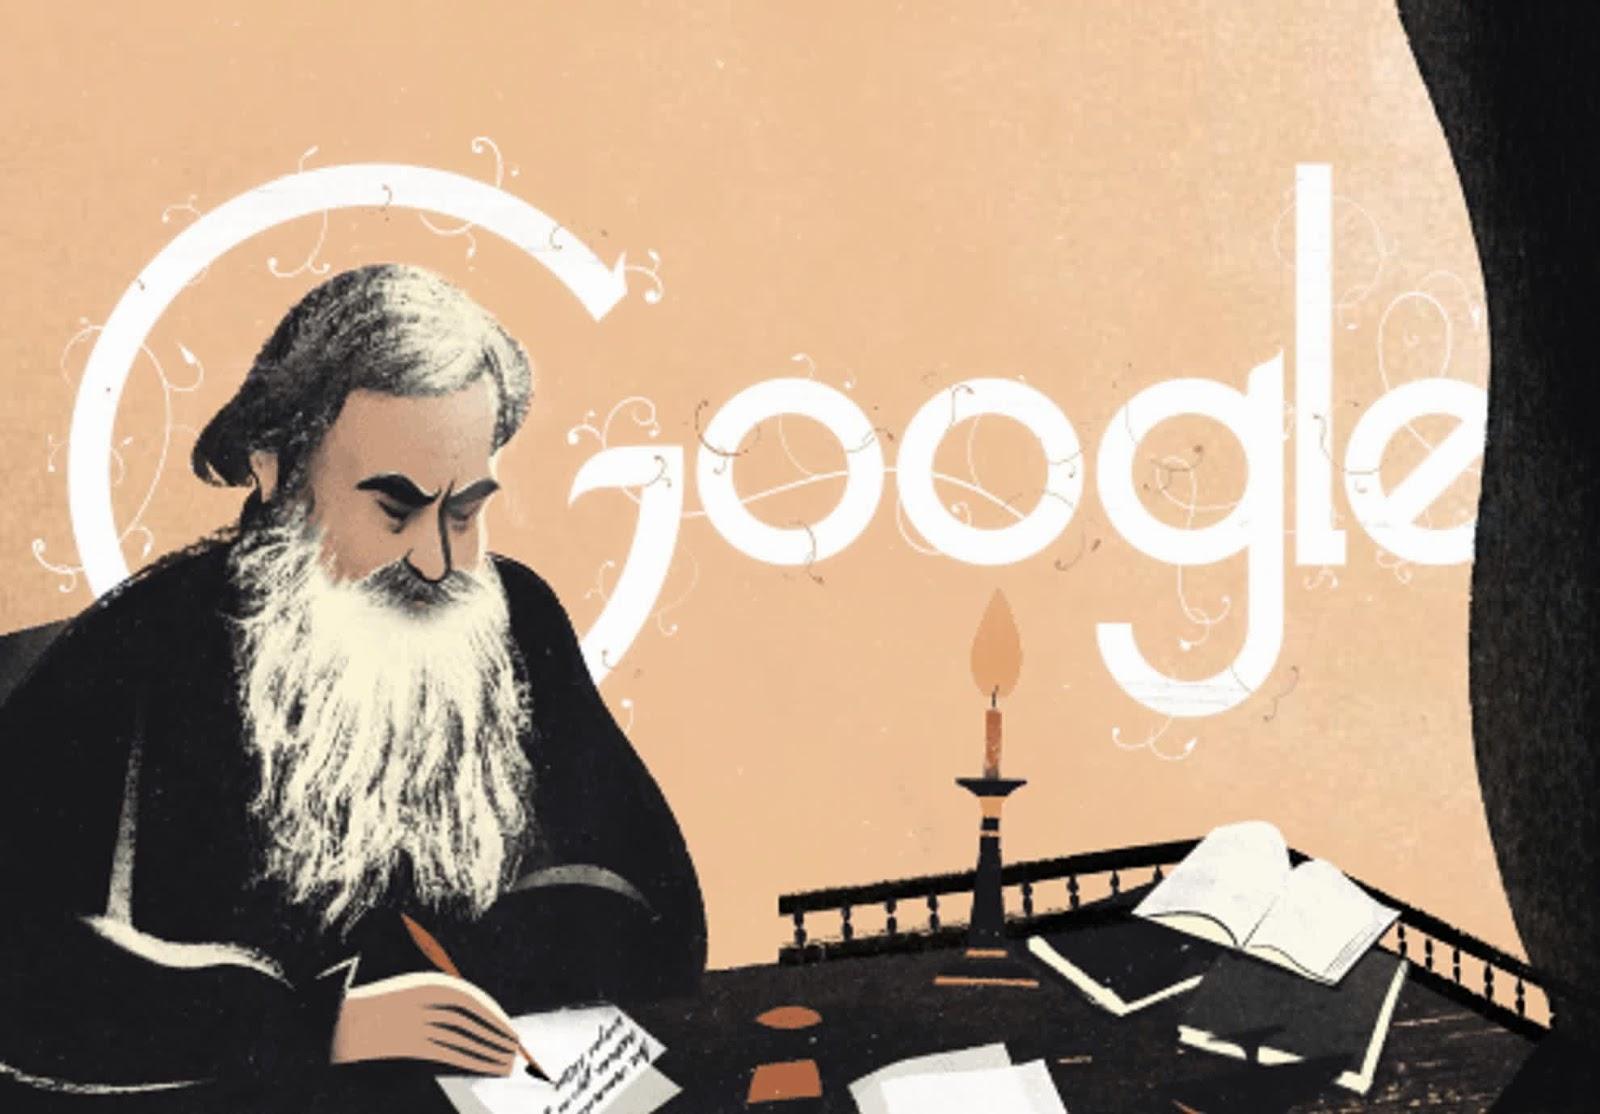 Google doodle Leo Tolstoy